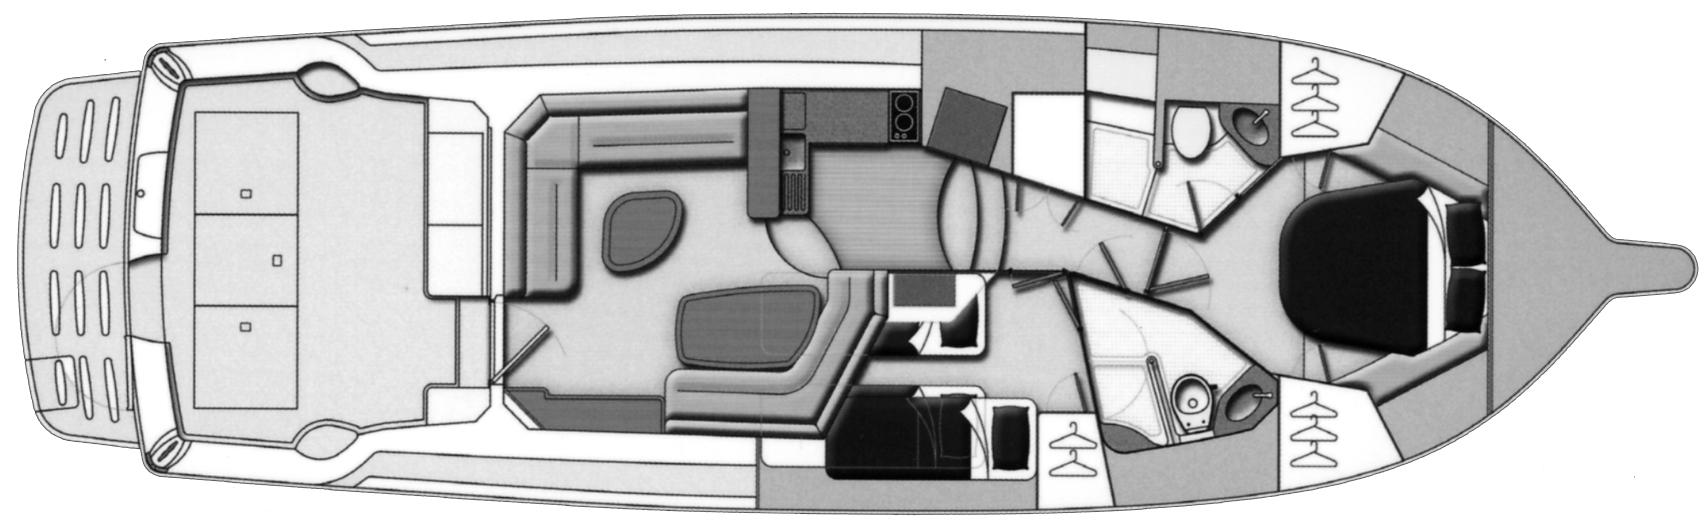 42 Convertible Floor Plan 1